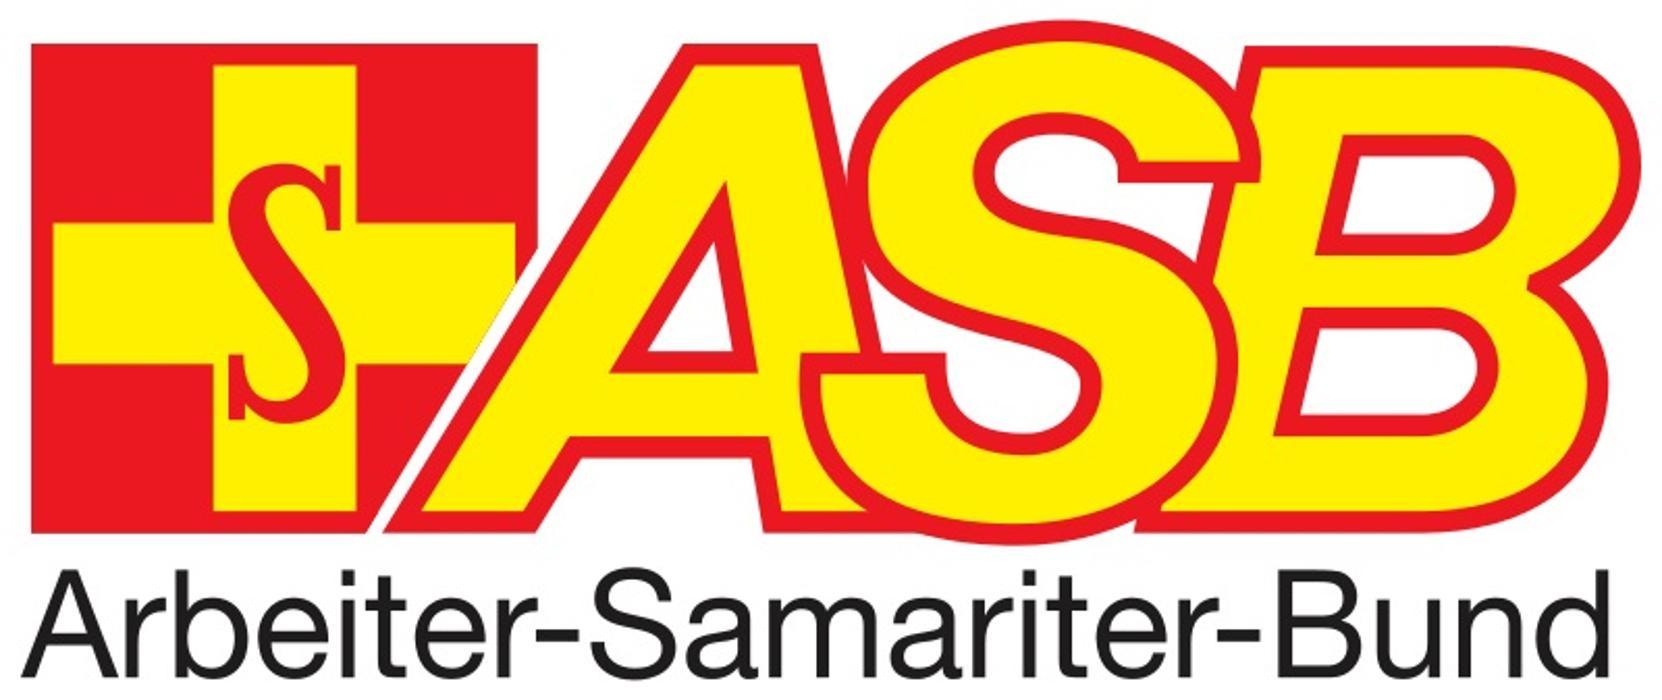 Bild zu Arbeiter-Samariter-Bund Landesverband Niedersachsen e.V. in Rehburg Loccum